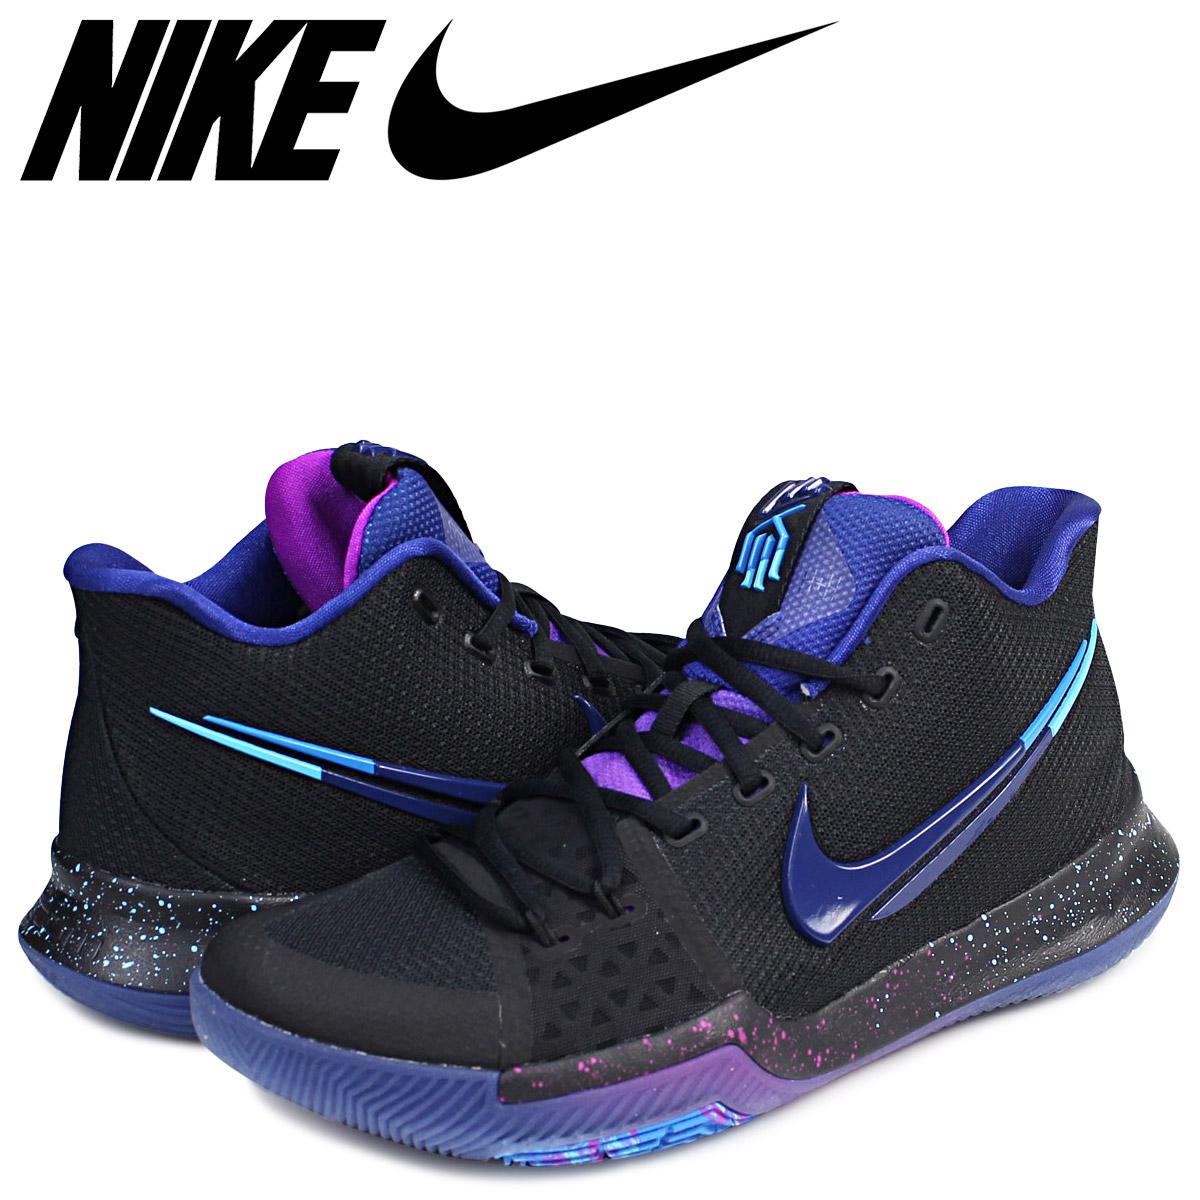 891b8224383 Sugar Online Shop  Nike NIKE chi Lee 3 sneakers KYRIE 3 FLIP THE ...